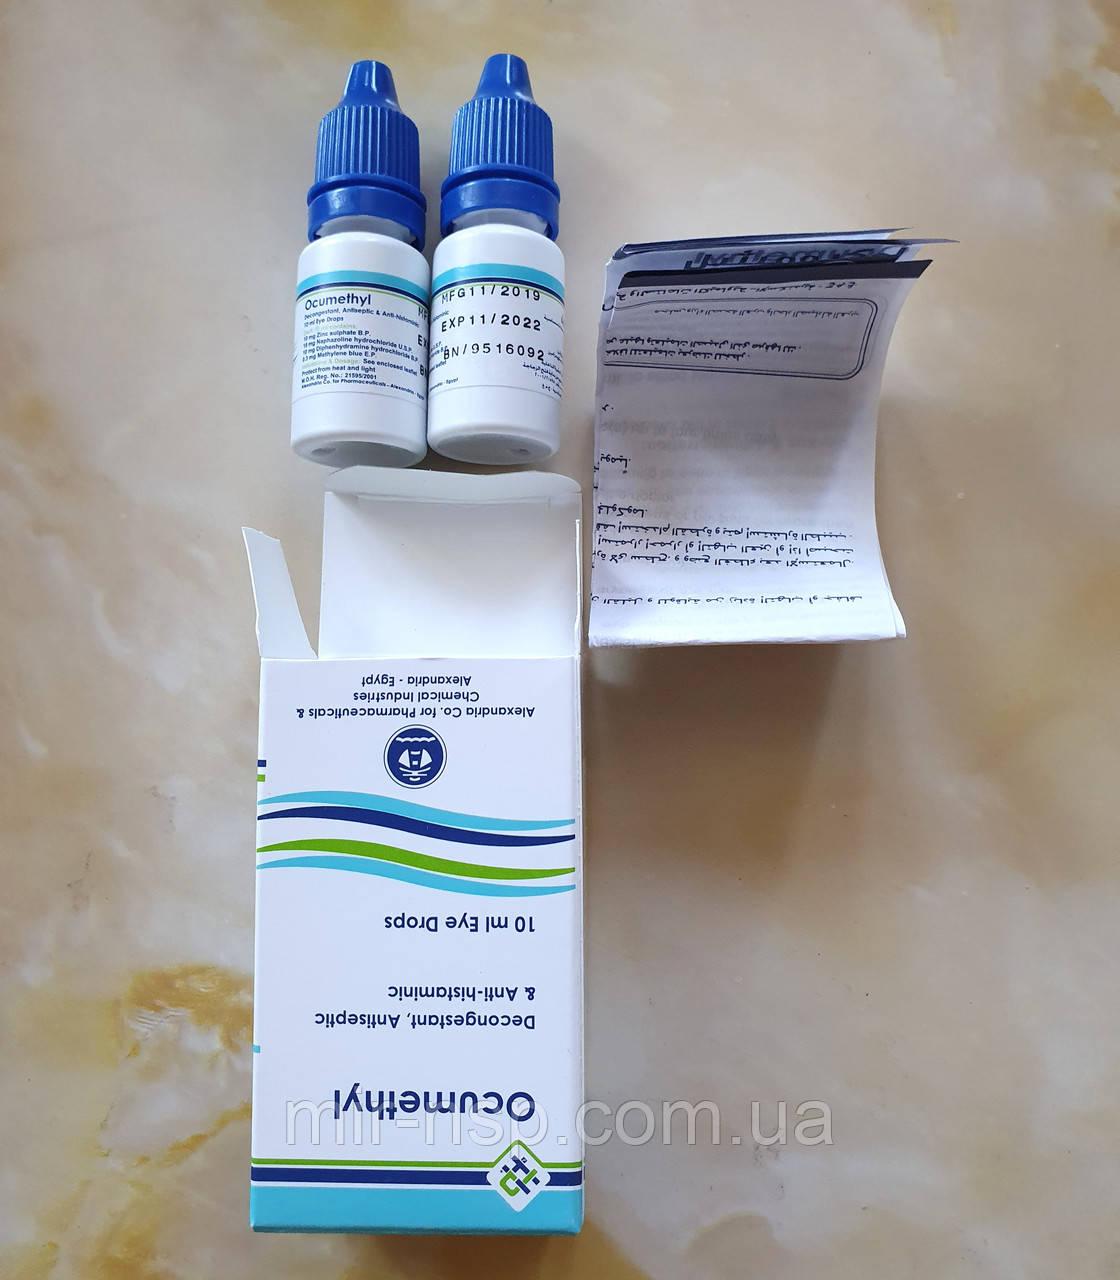 Ocumethyl Окуметил Окометил капли для глаз при сухости инфекциях 10 мл Египет 2 штуки